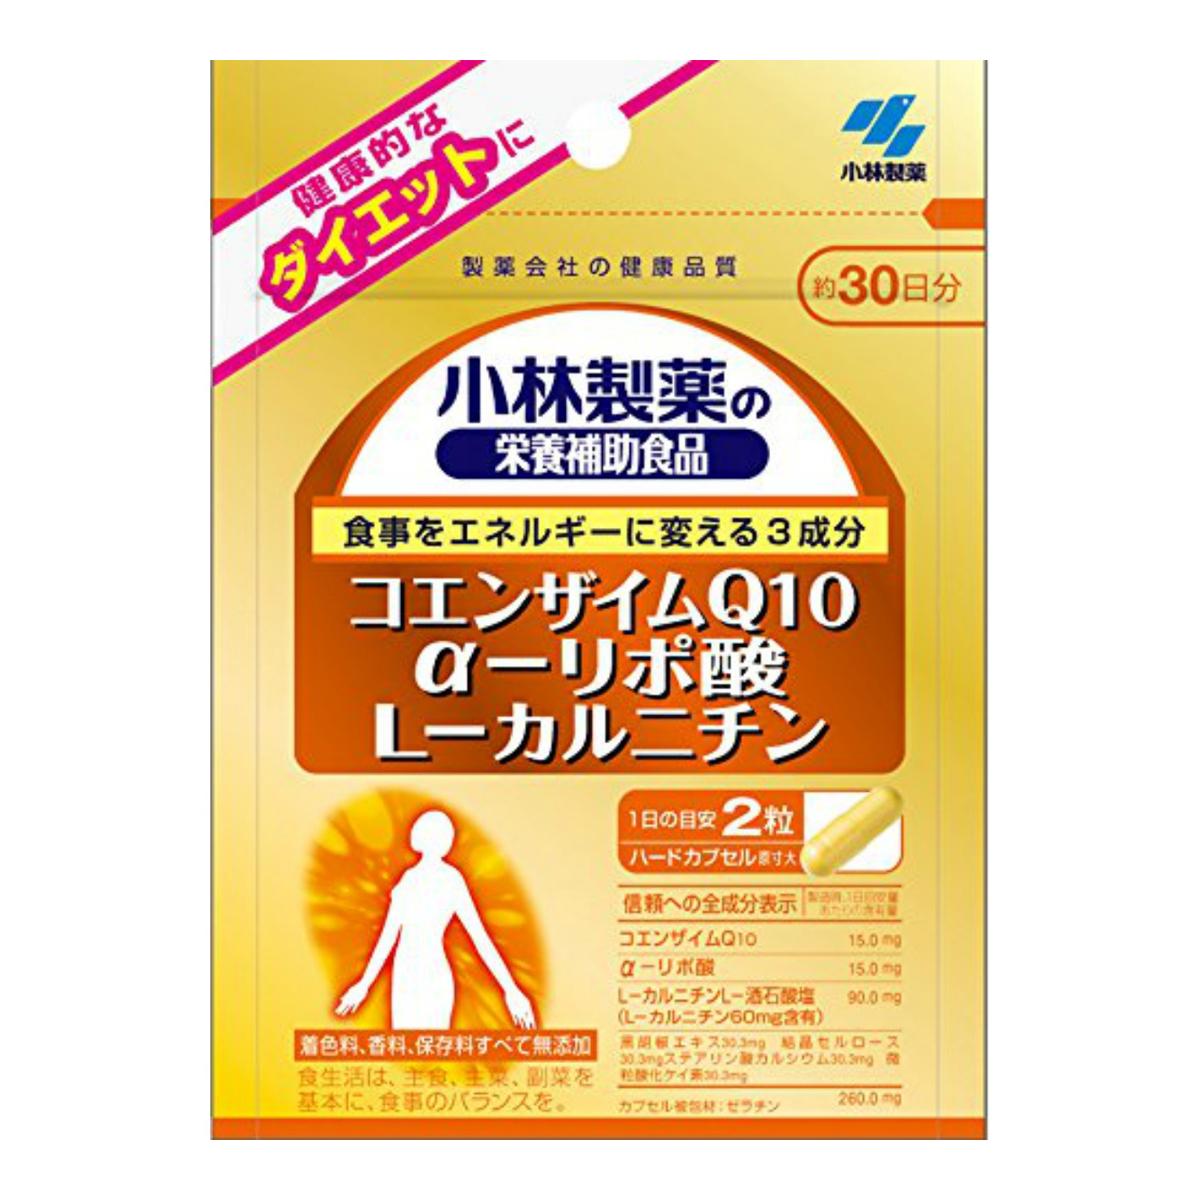 【送料無料・まとめ買い×10】小林製薬 コエンザイムQ10 αリポ酸Lカルニチン 60粒